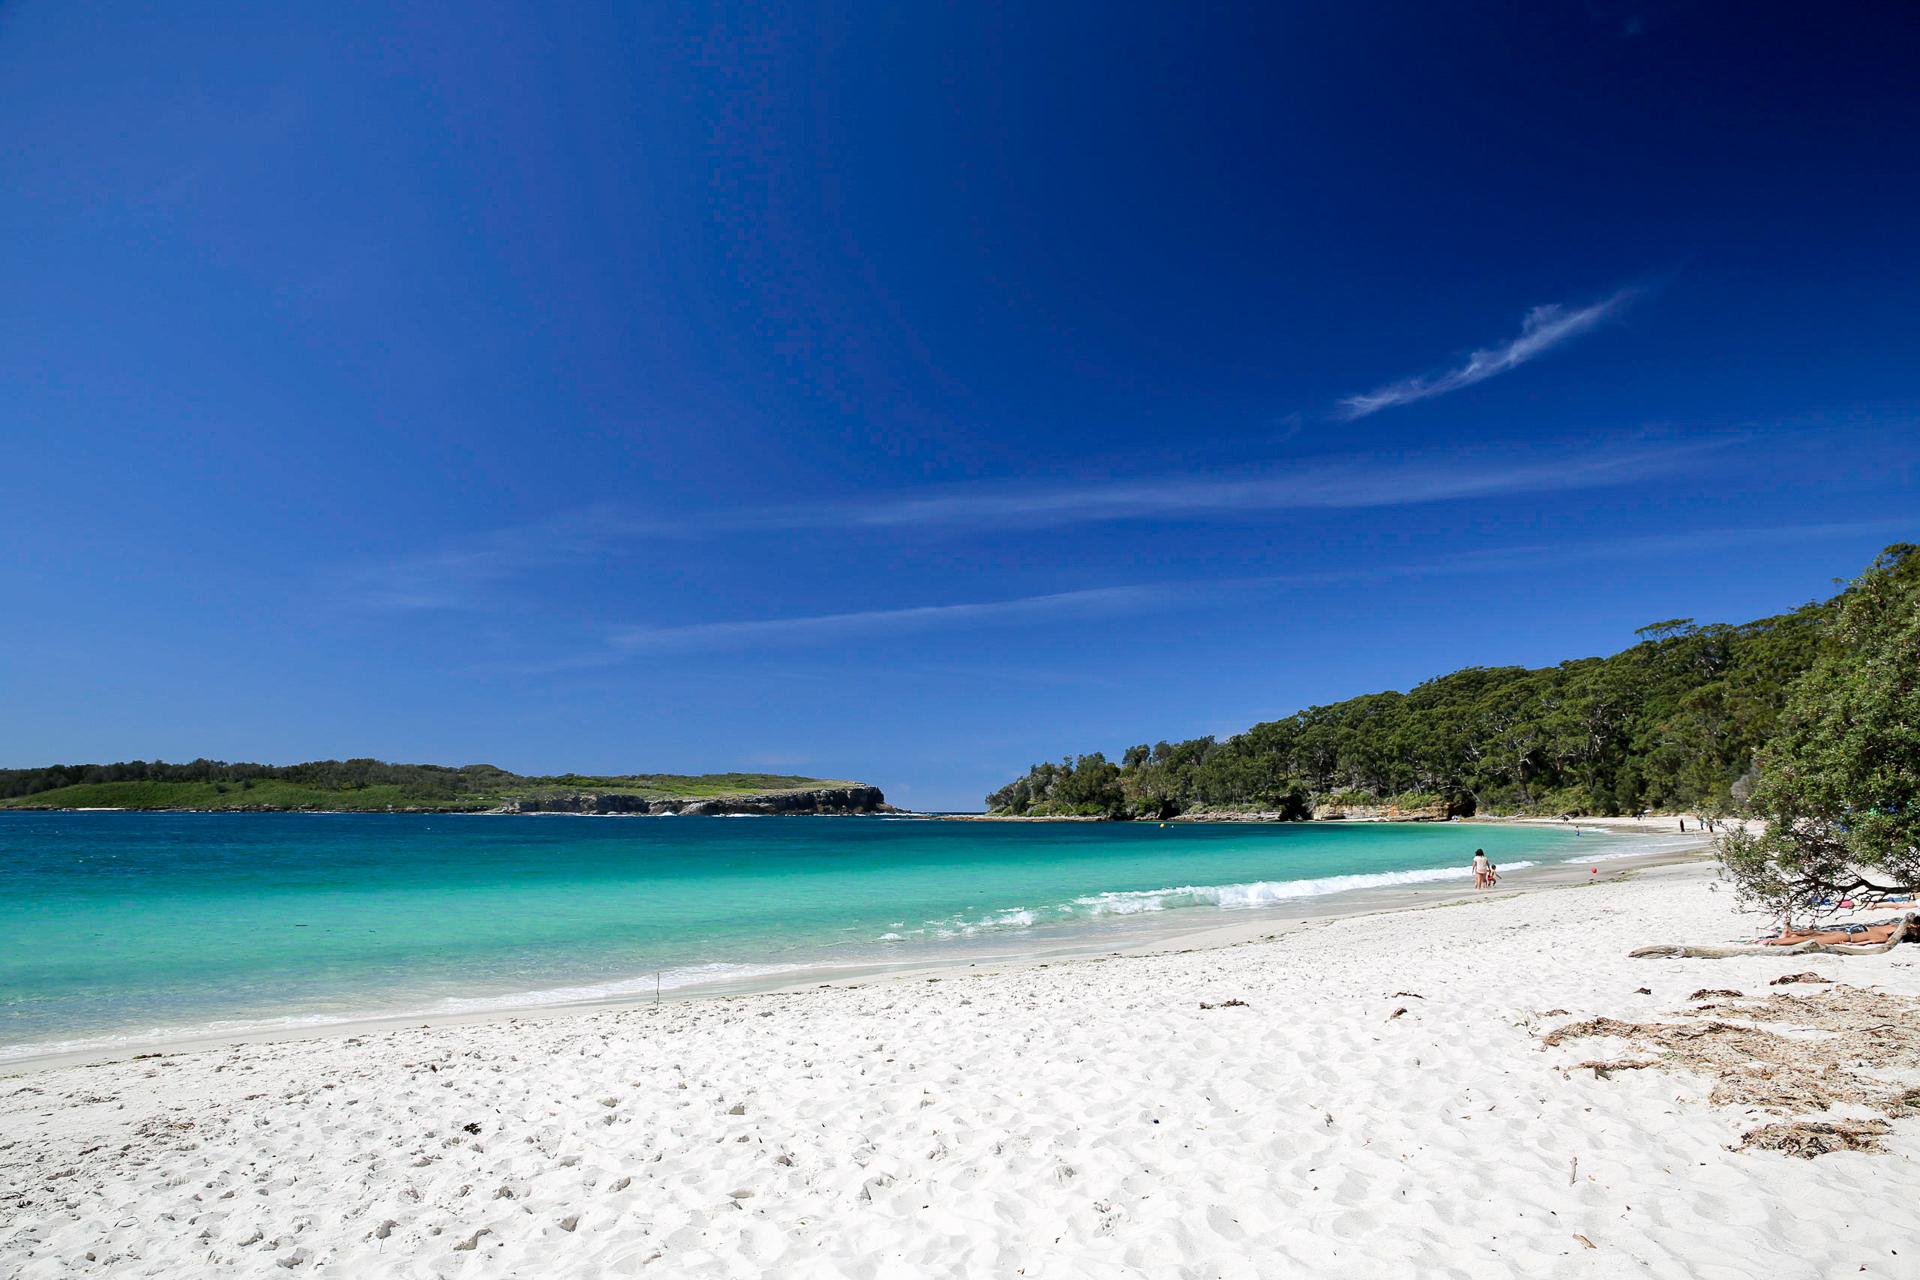 Bild: Sandstrand in der Bucht Jervis Bay in Australien